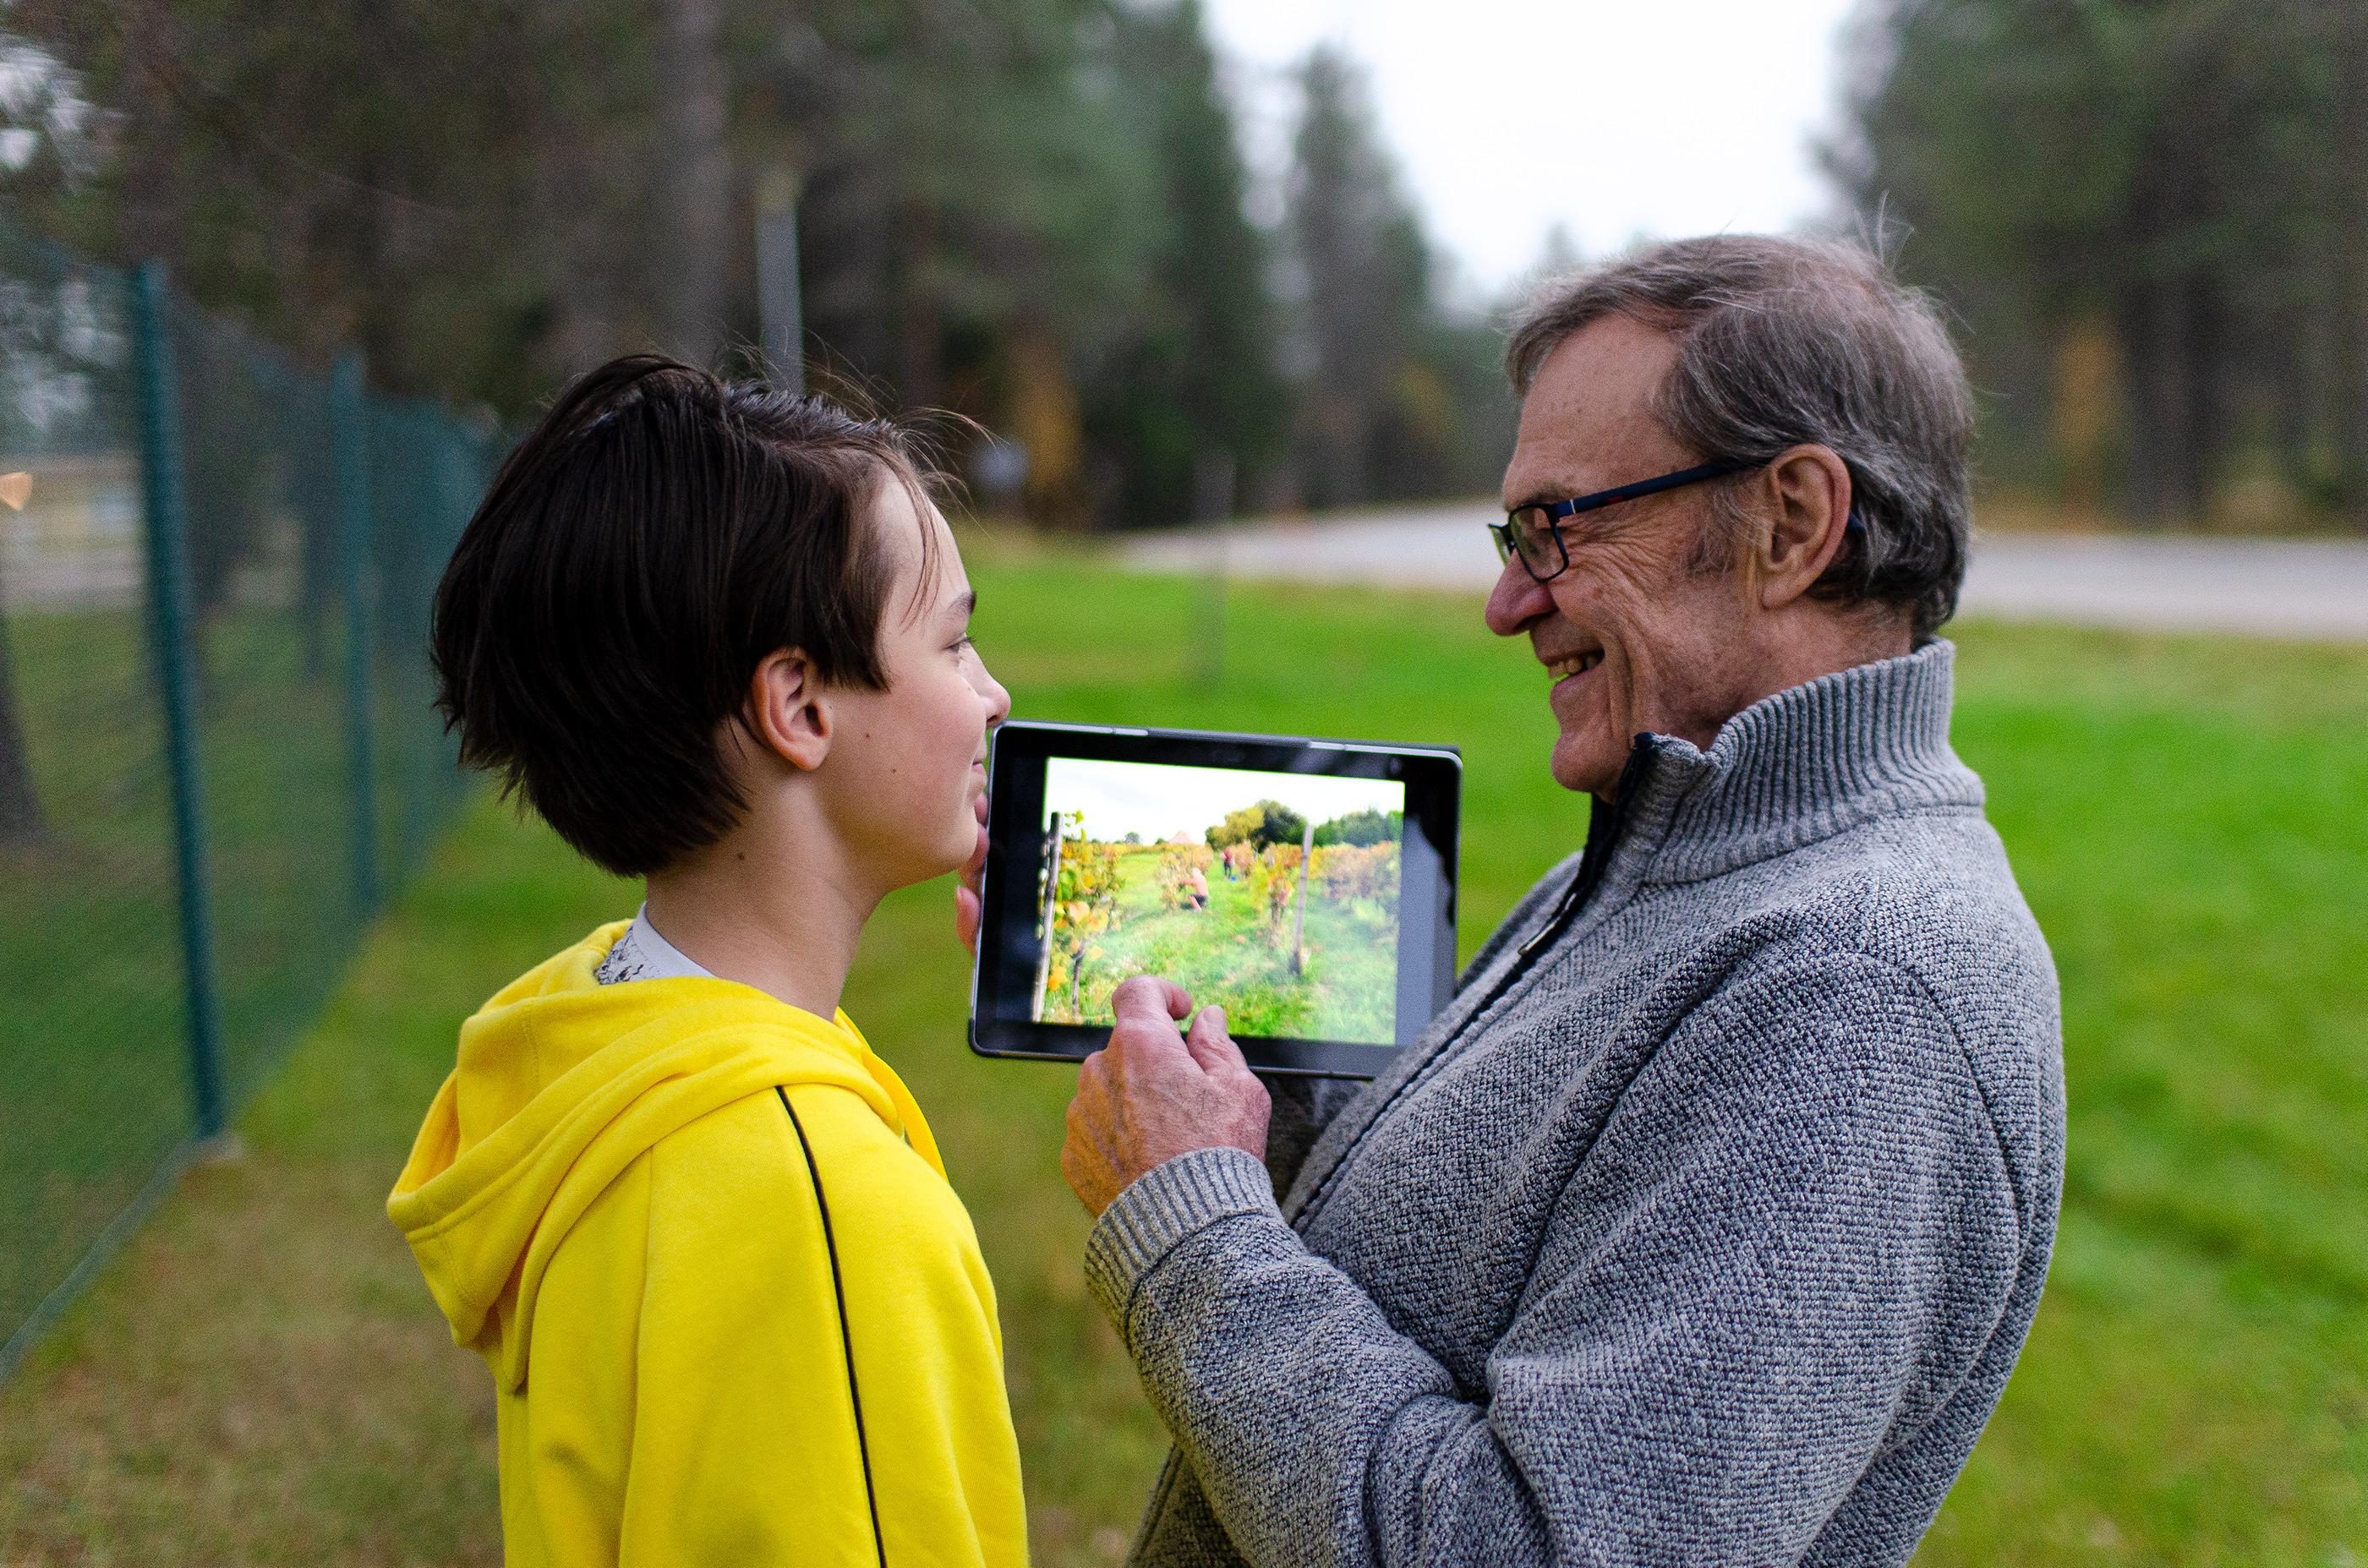 Kuvassa isosisä ja poika katsovat tablettia ulkona